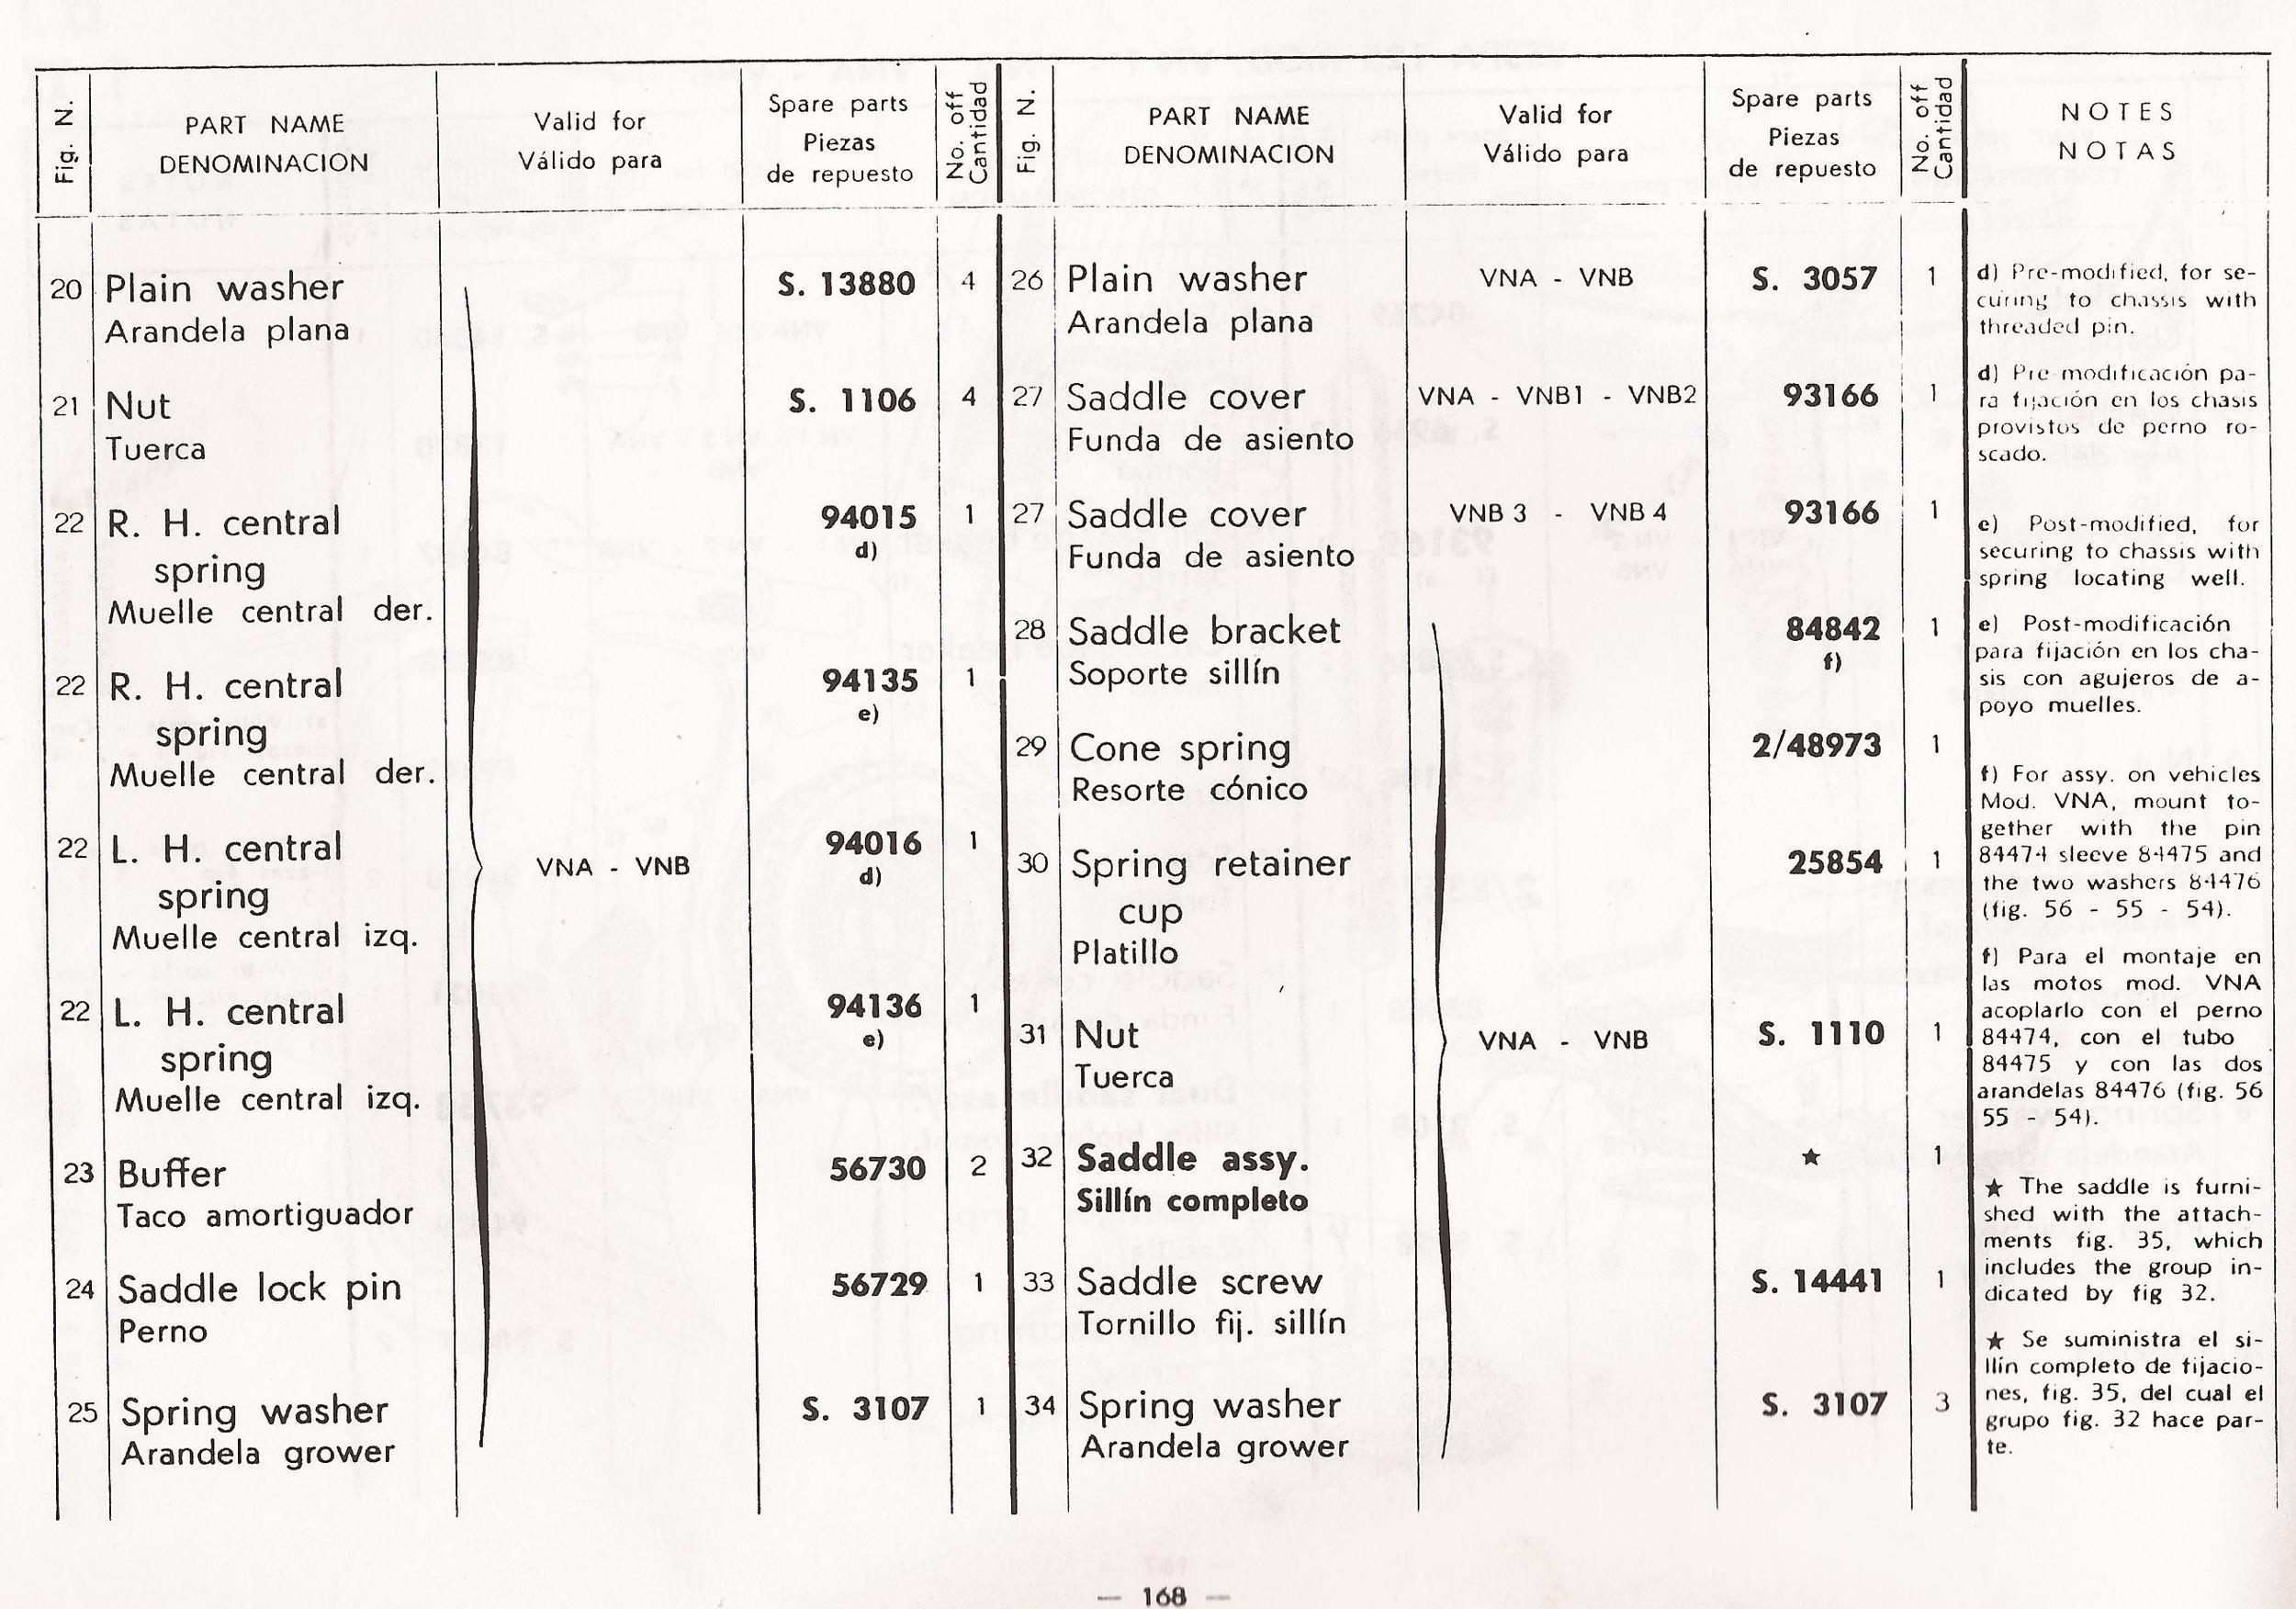 07-16-2013 vespa 125 catalog manuel 178.jpg